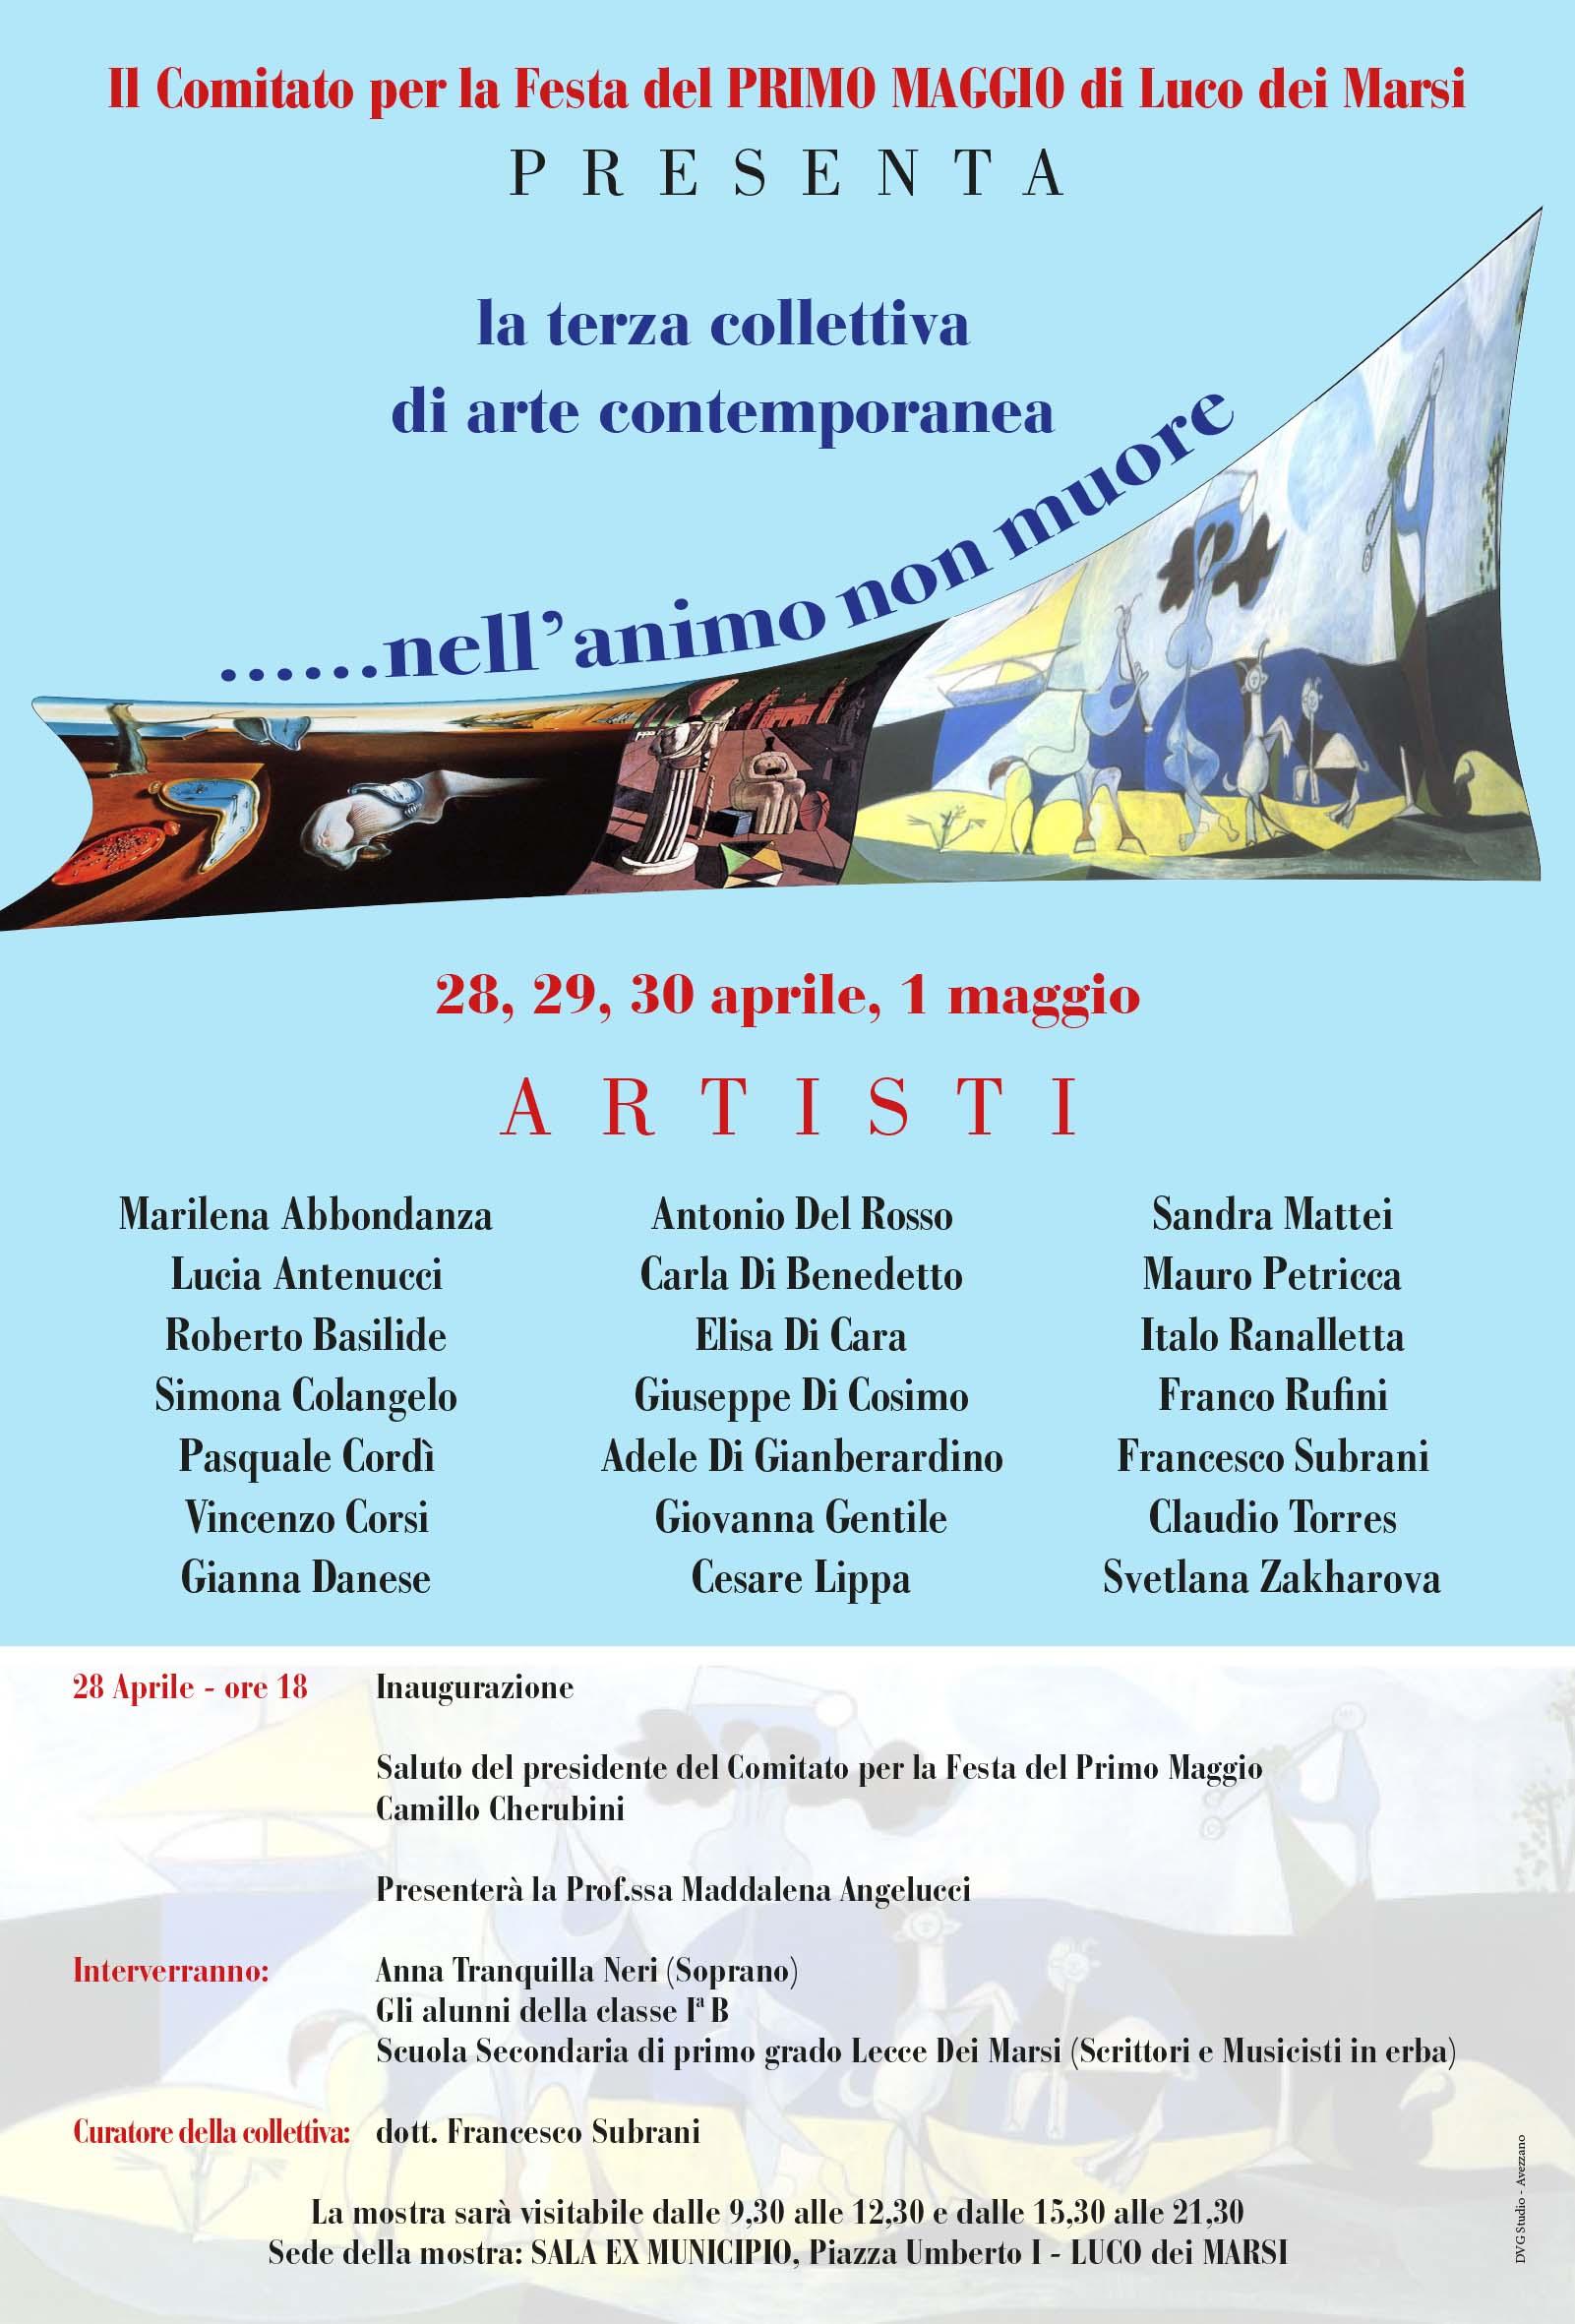 Il Comitato per la Festa del Primo Maggio di Luco dei Marsi organizza la terza Collettiva d'Arte Contemporanea